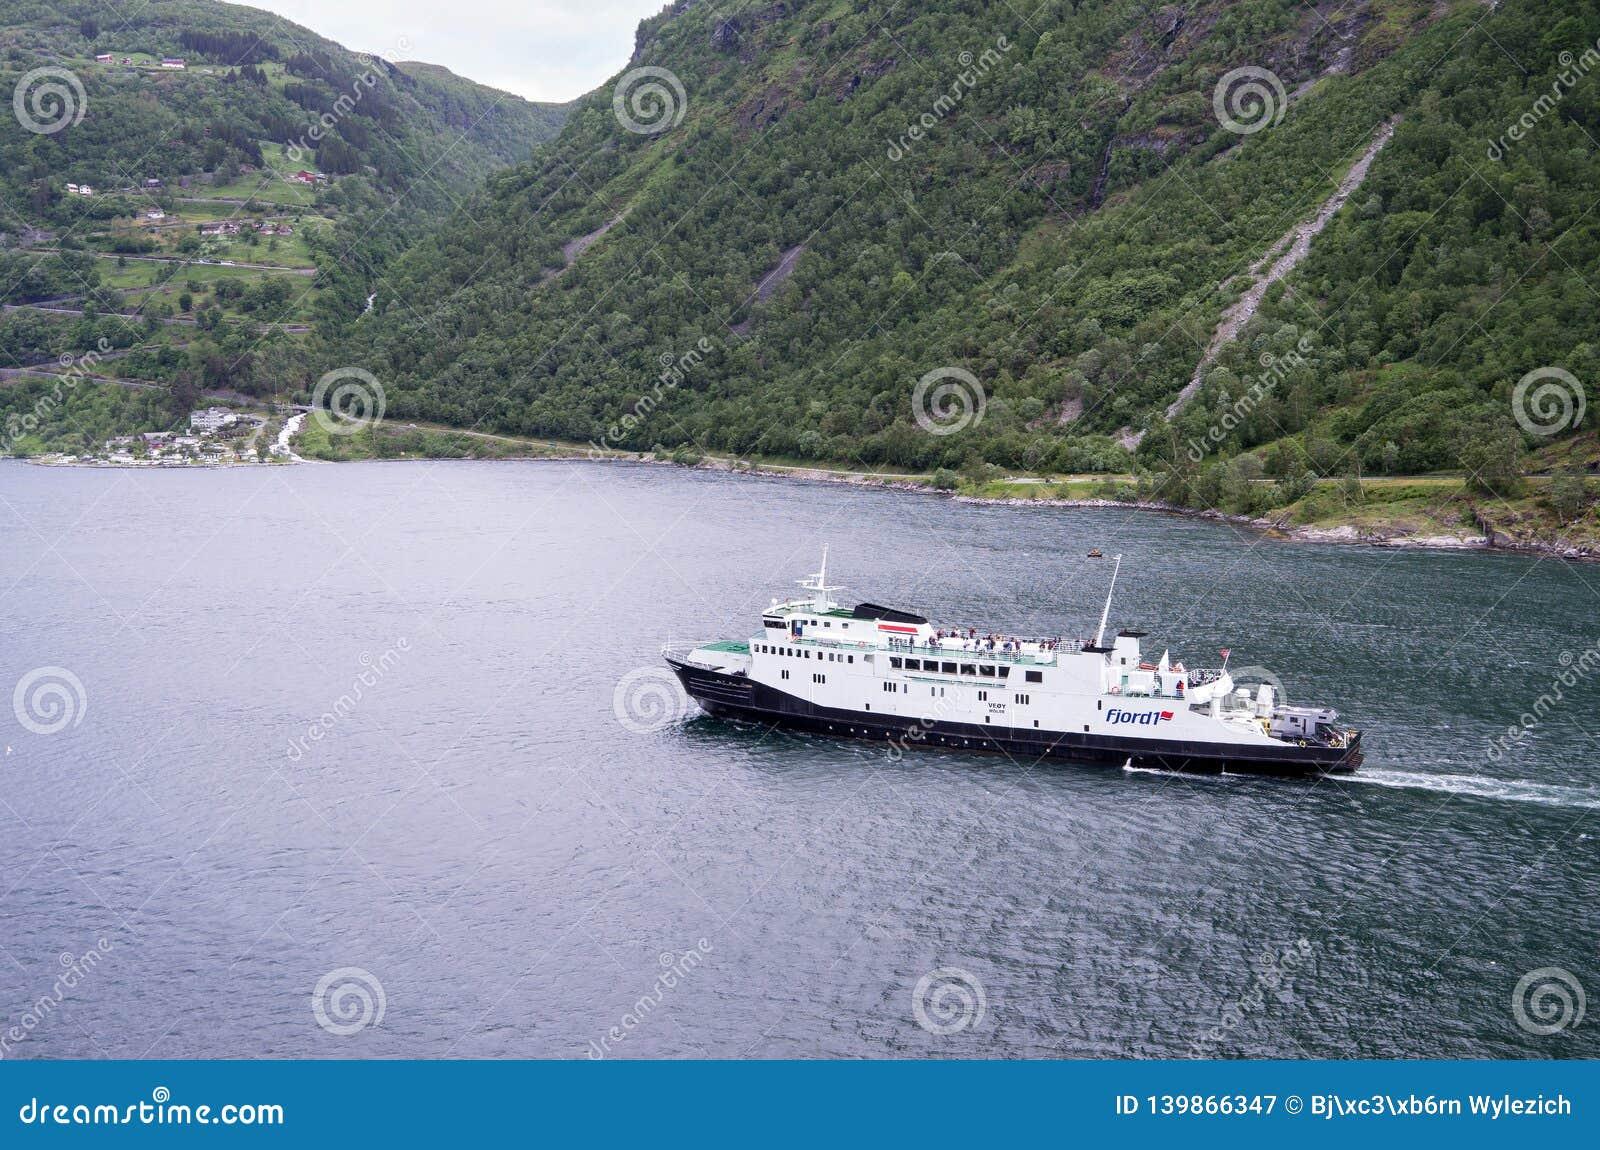 VEOY Fjord1